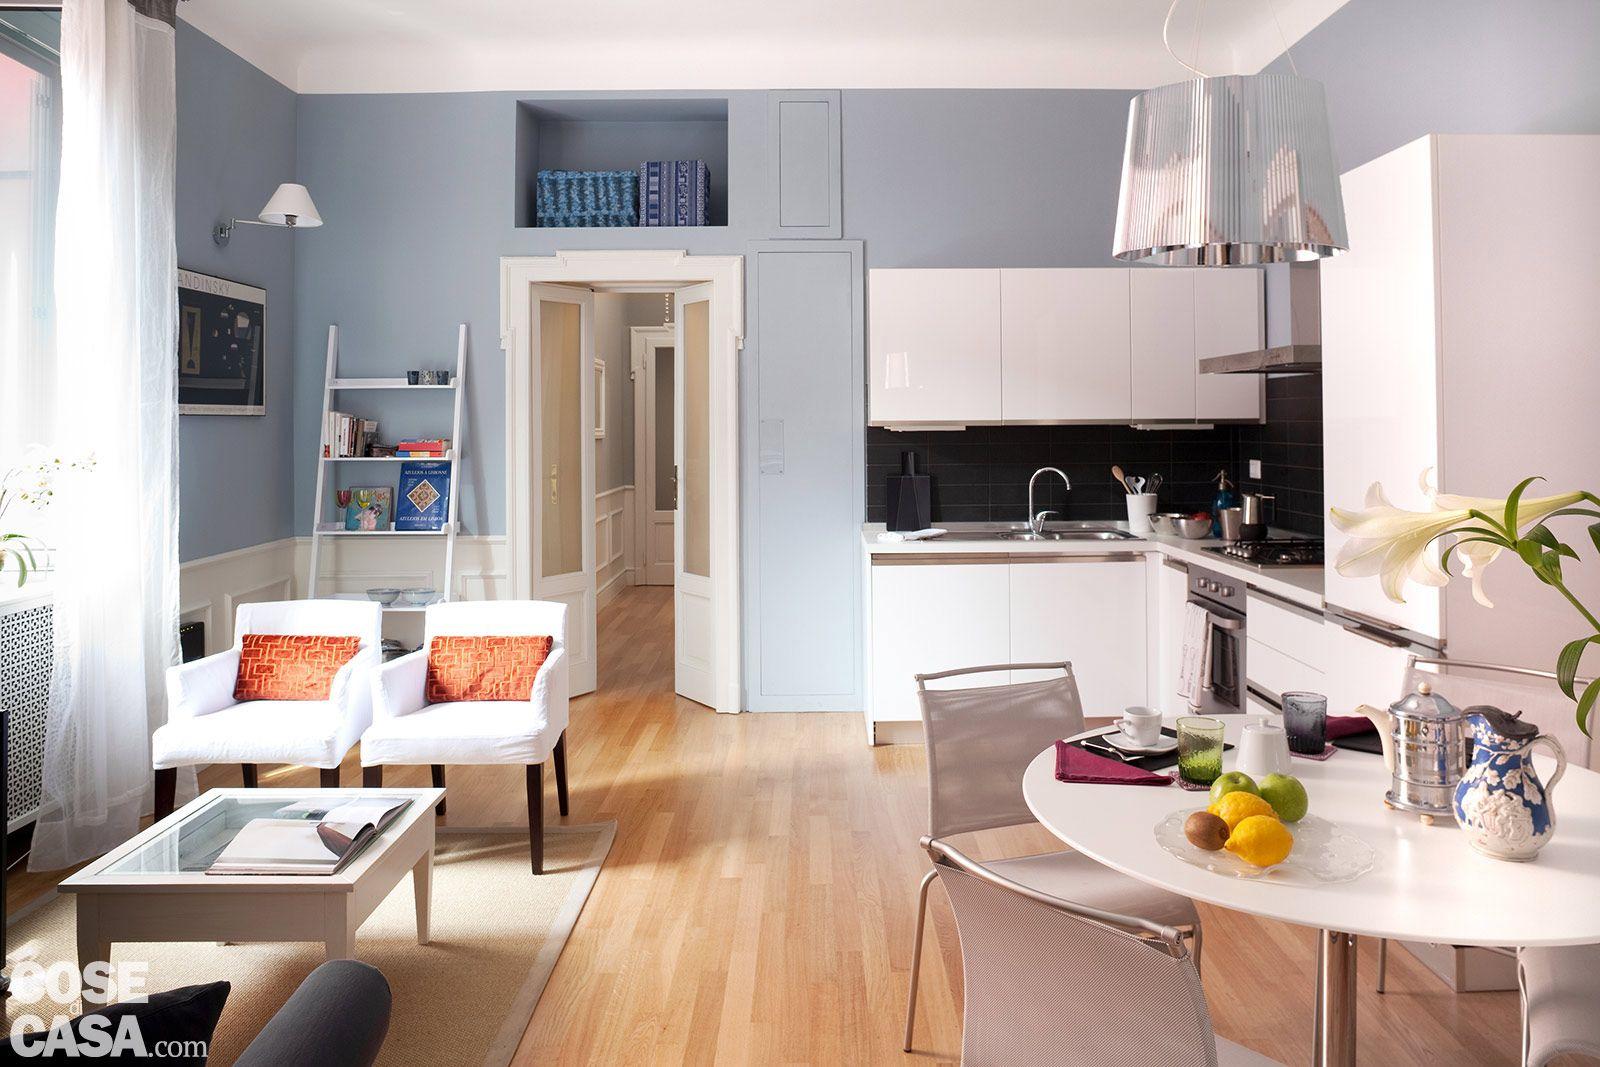 come disporre cucina soggiorno - cerca con google | arredamento ... - Arredamento Piccolo Soggiorno Con Angolo Cottura